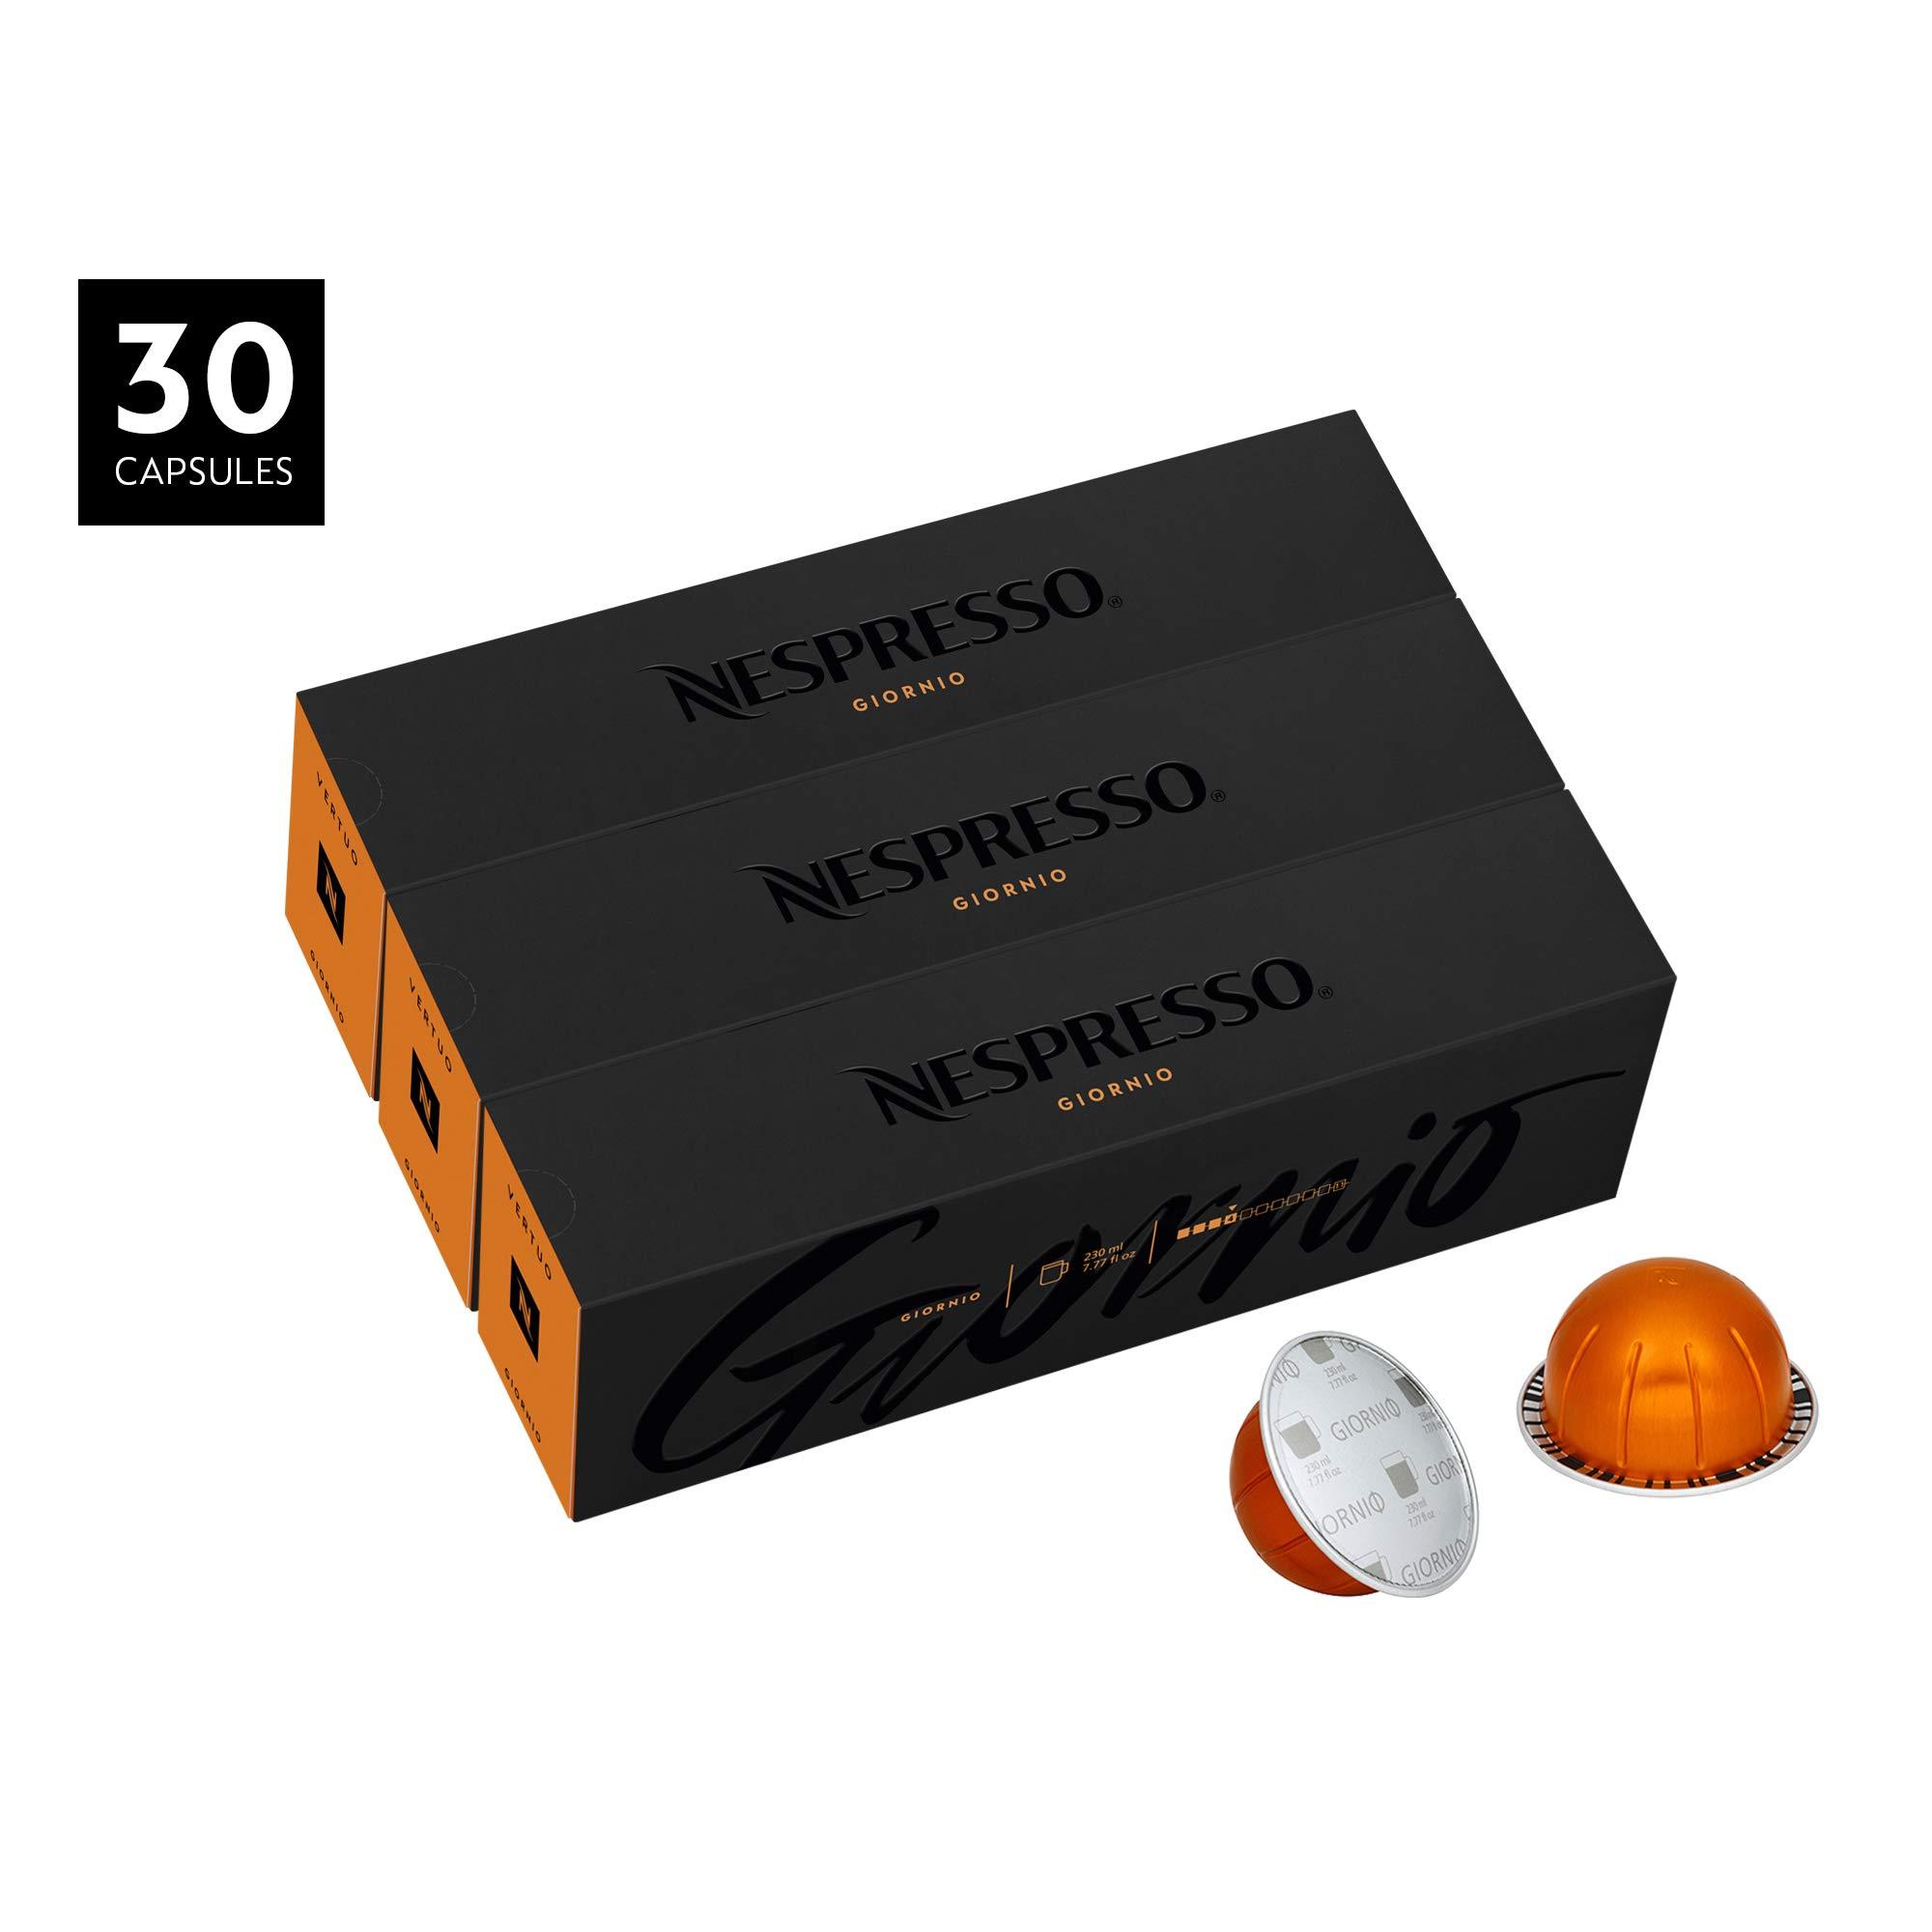 Nespresso VertuoLine Coffee, Giornio, 30 Capsules by Nespresso